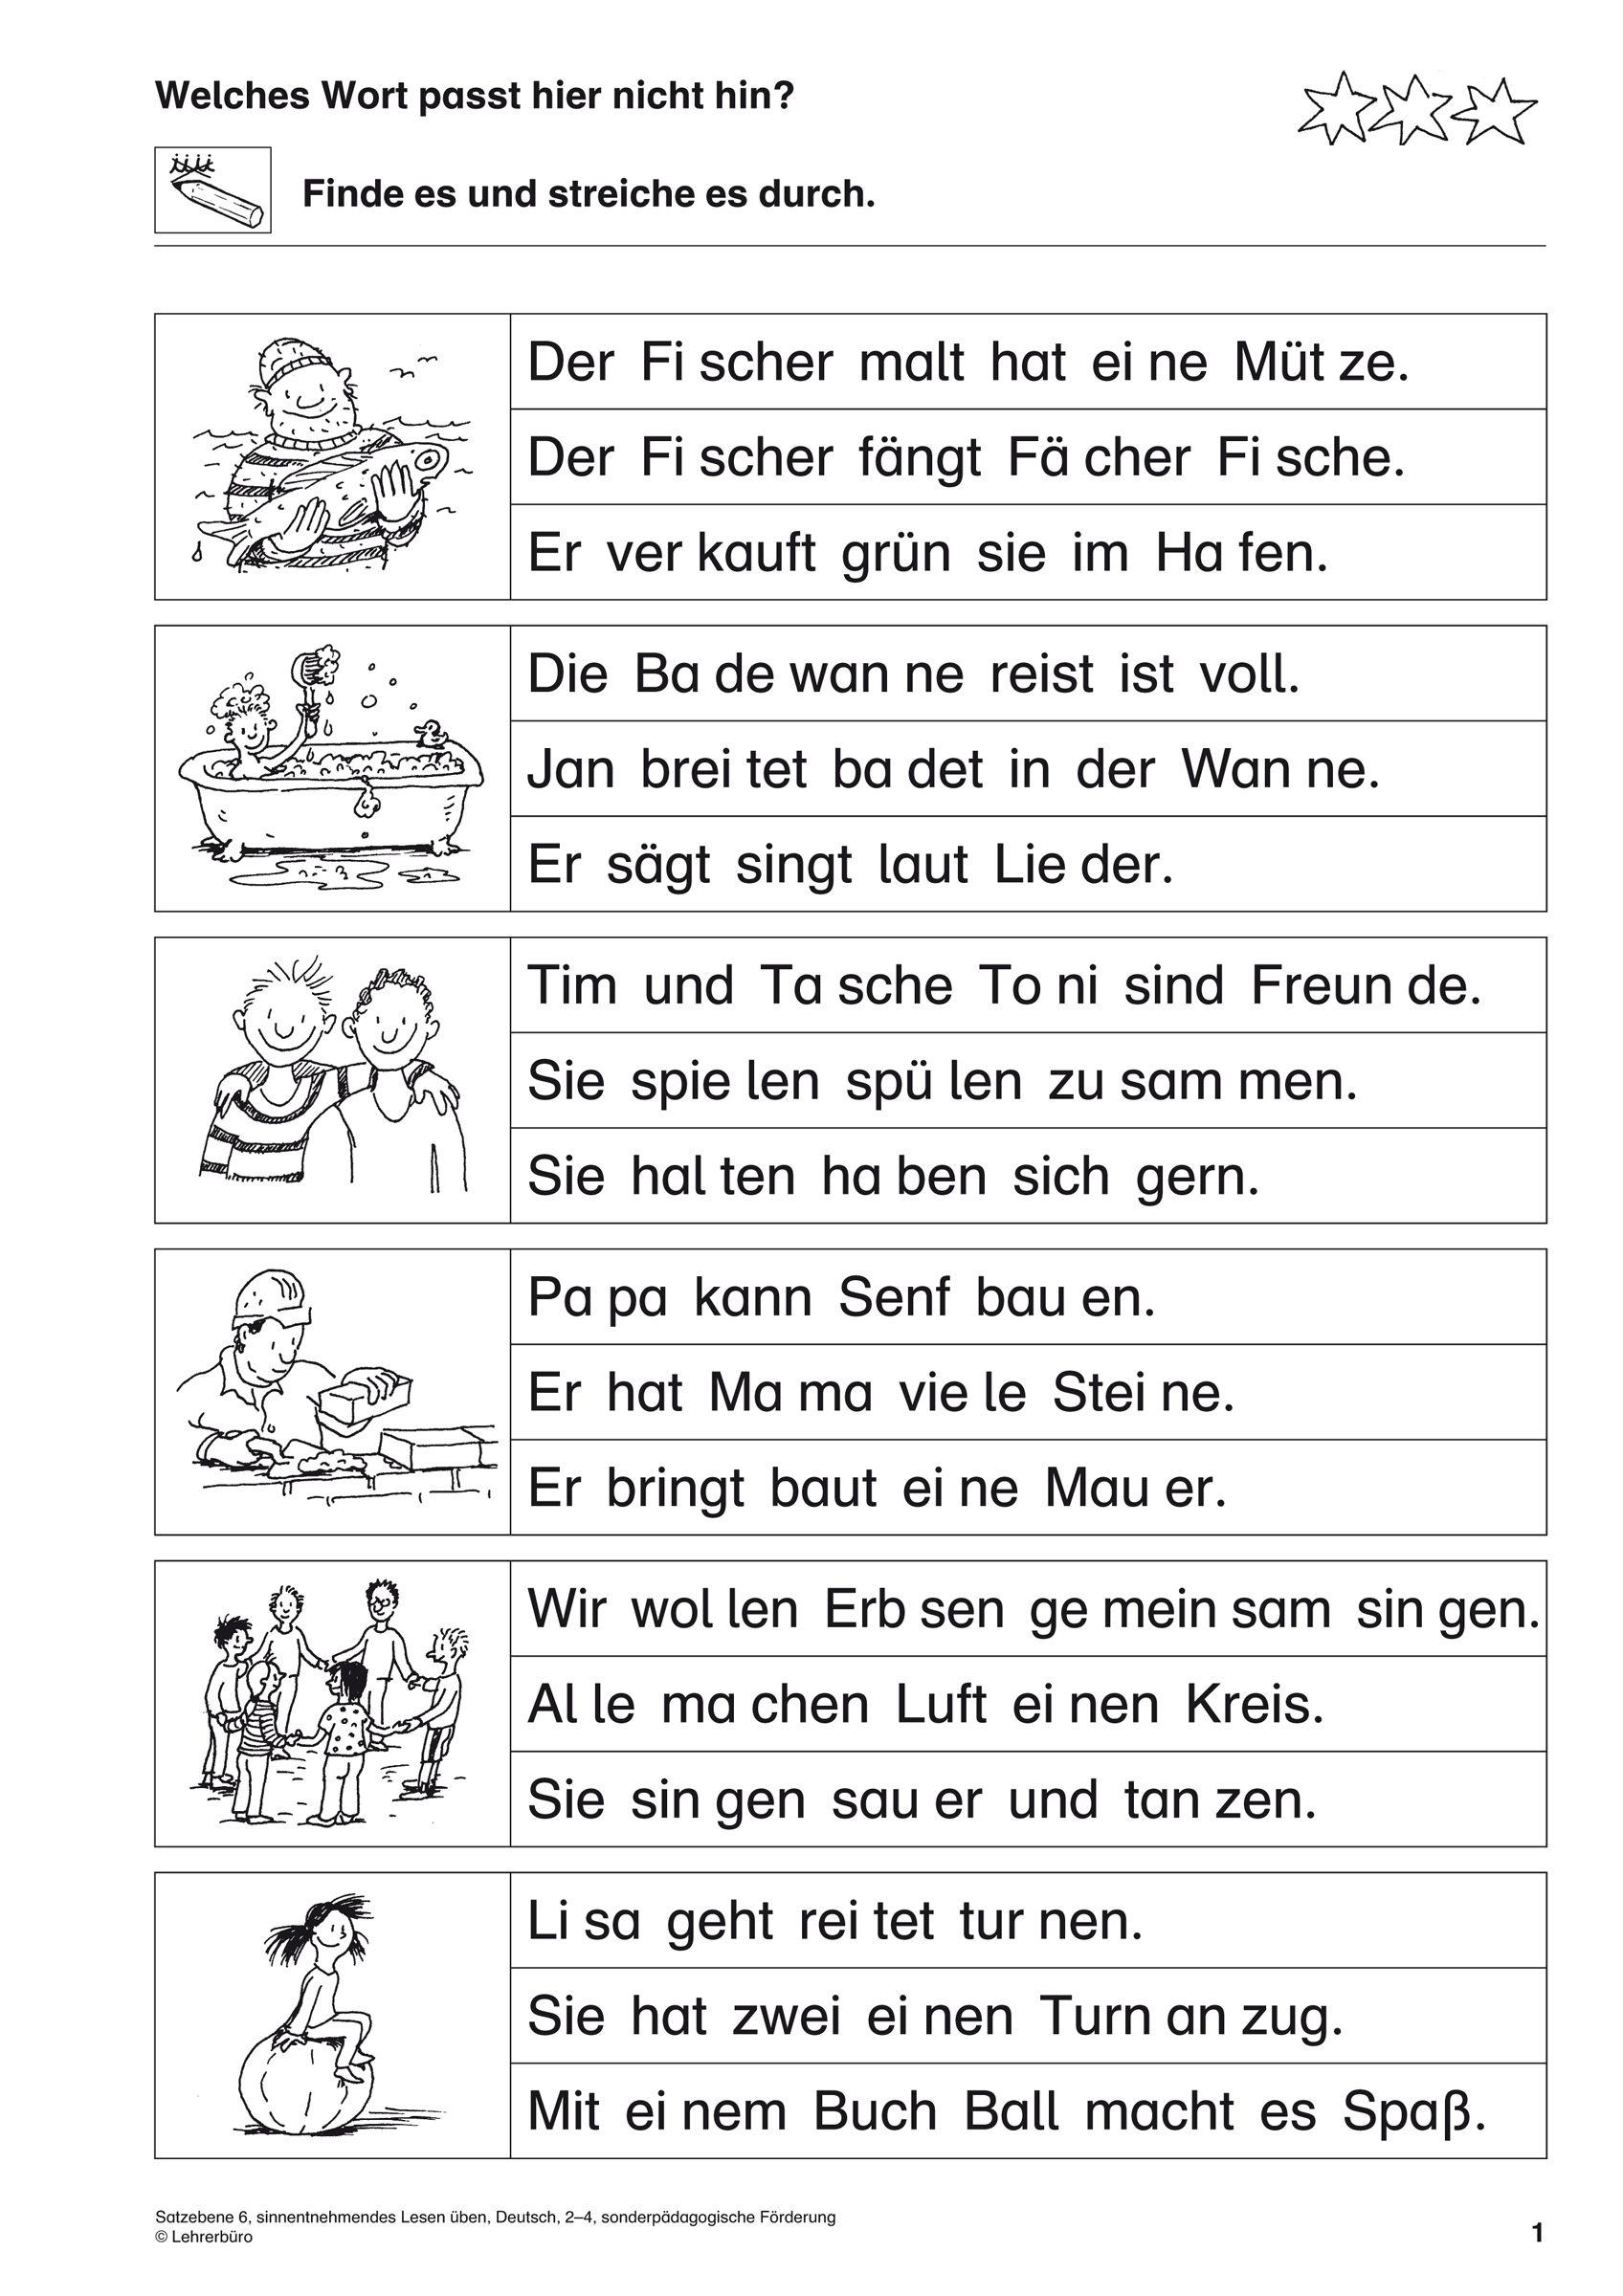 لؤلؤي اسطوانة بطل deutsch 20 klasse zum ausdrucken kostenlos amazon ...